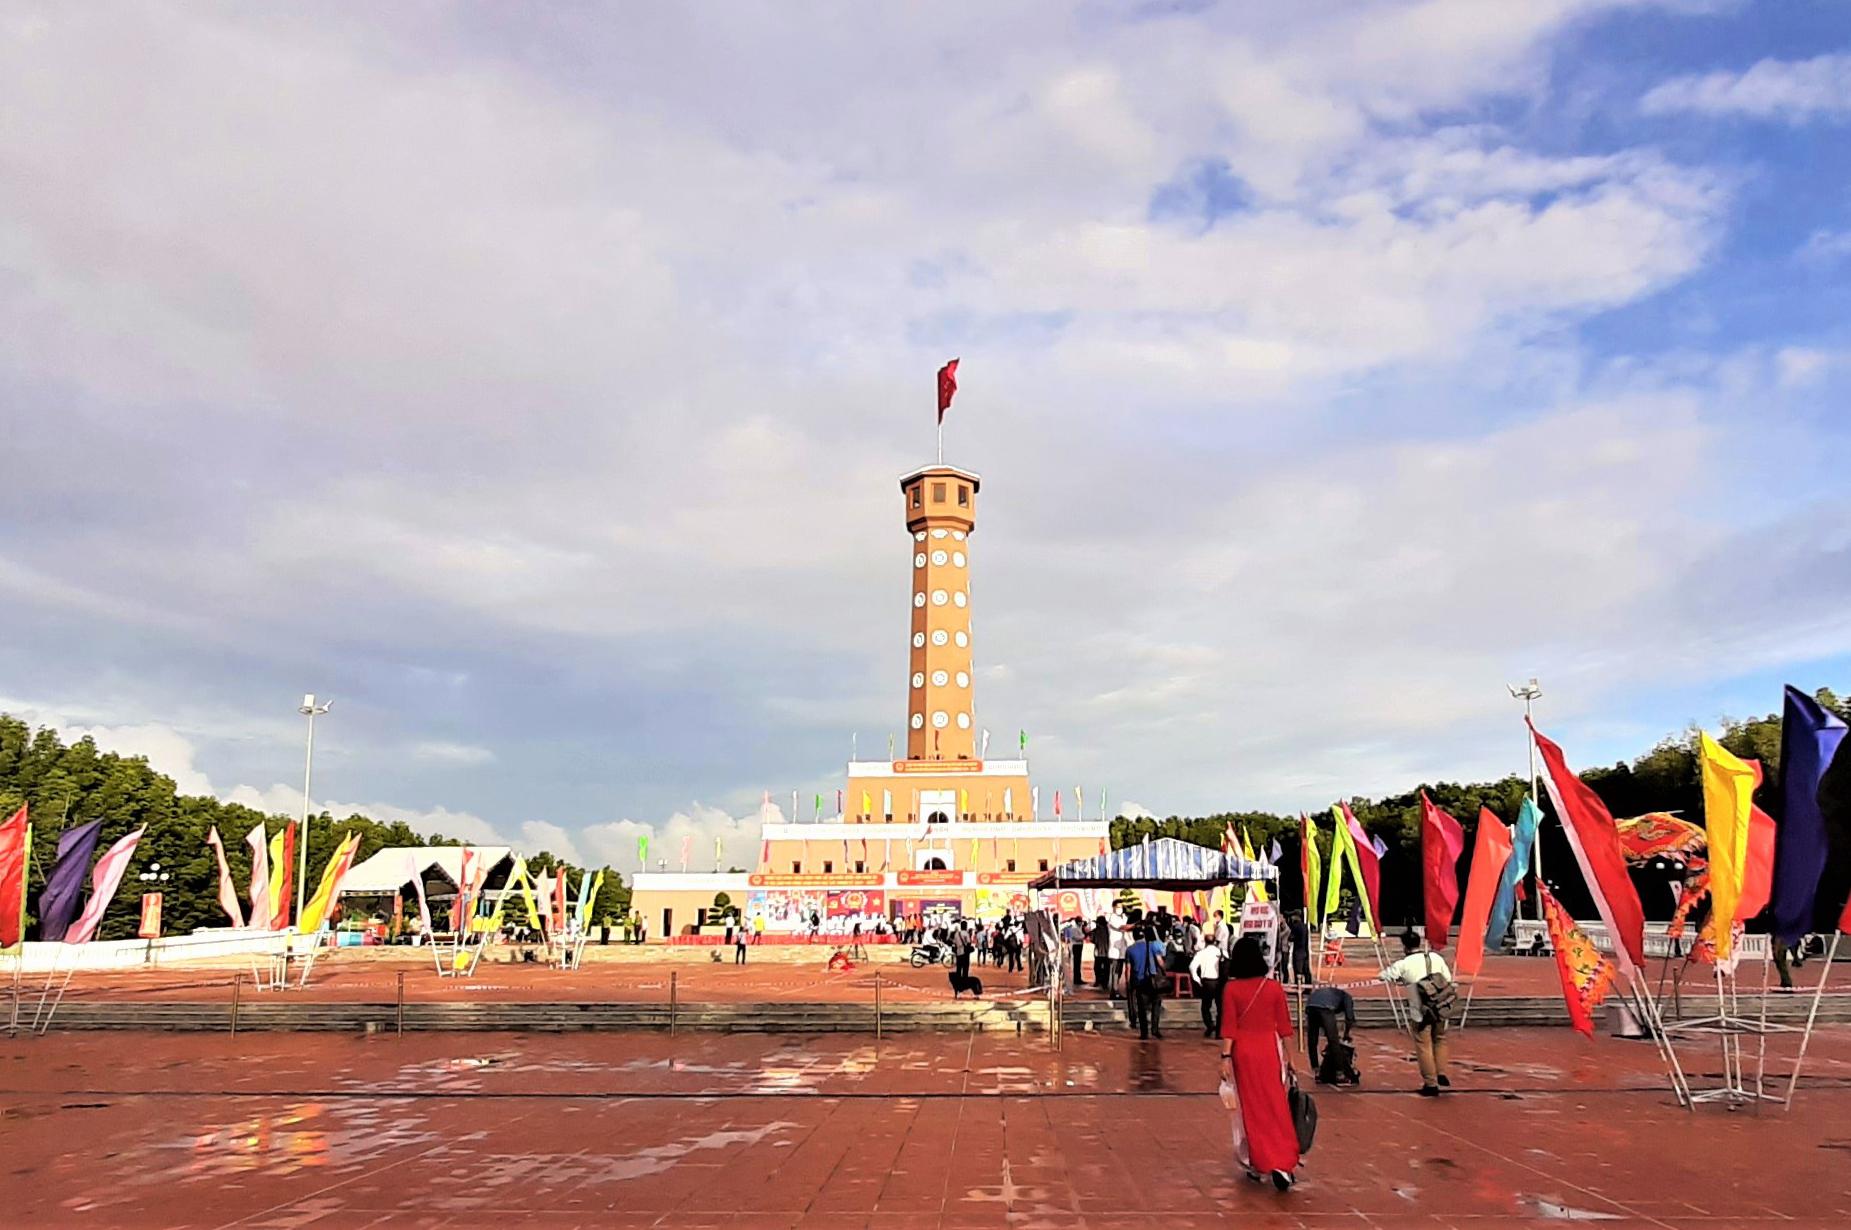 khu vực bỏ phiếu số 12, cột cờ Hà Nội tại Mũi Cà Mau - điểm cực Nam Tổ quốc (ấp Mũi, xã Đất Mũi, huyện Ngọc Hiển).